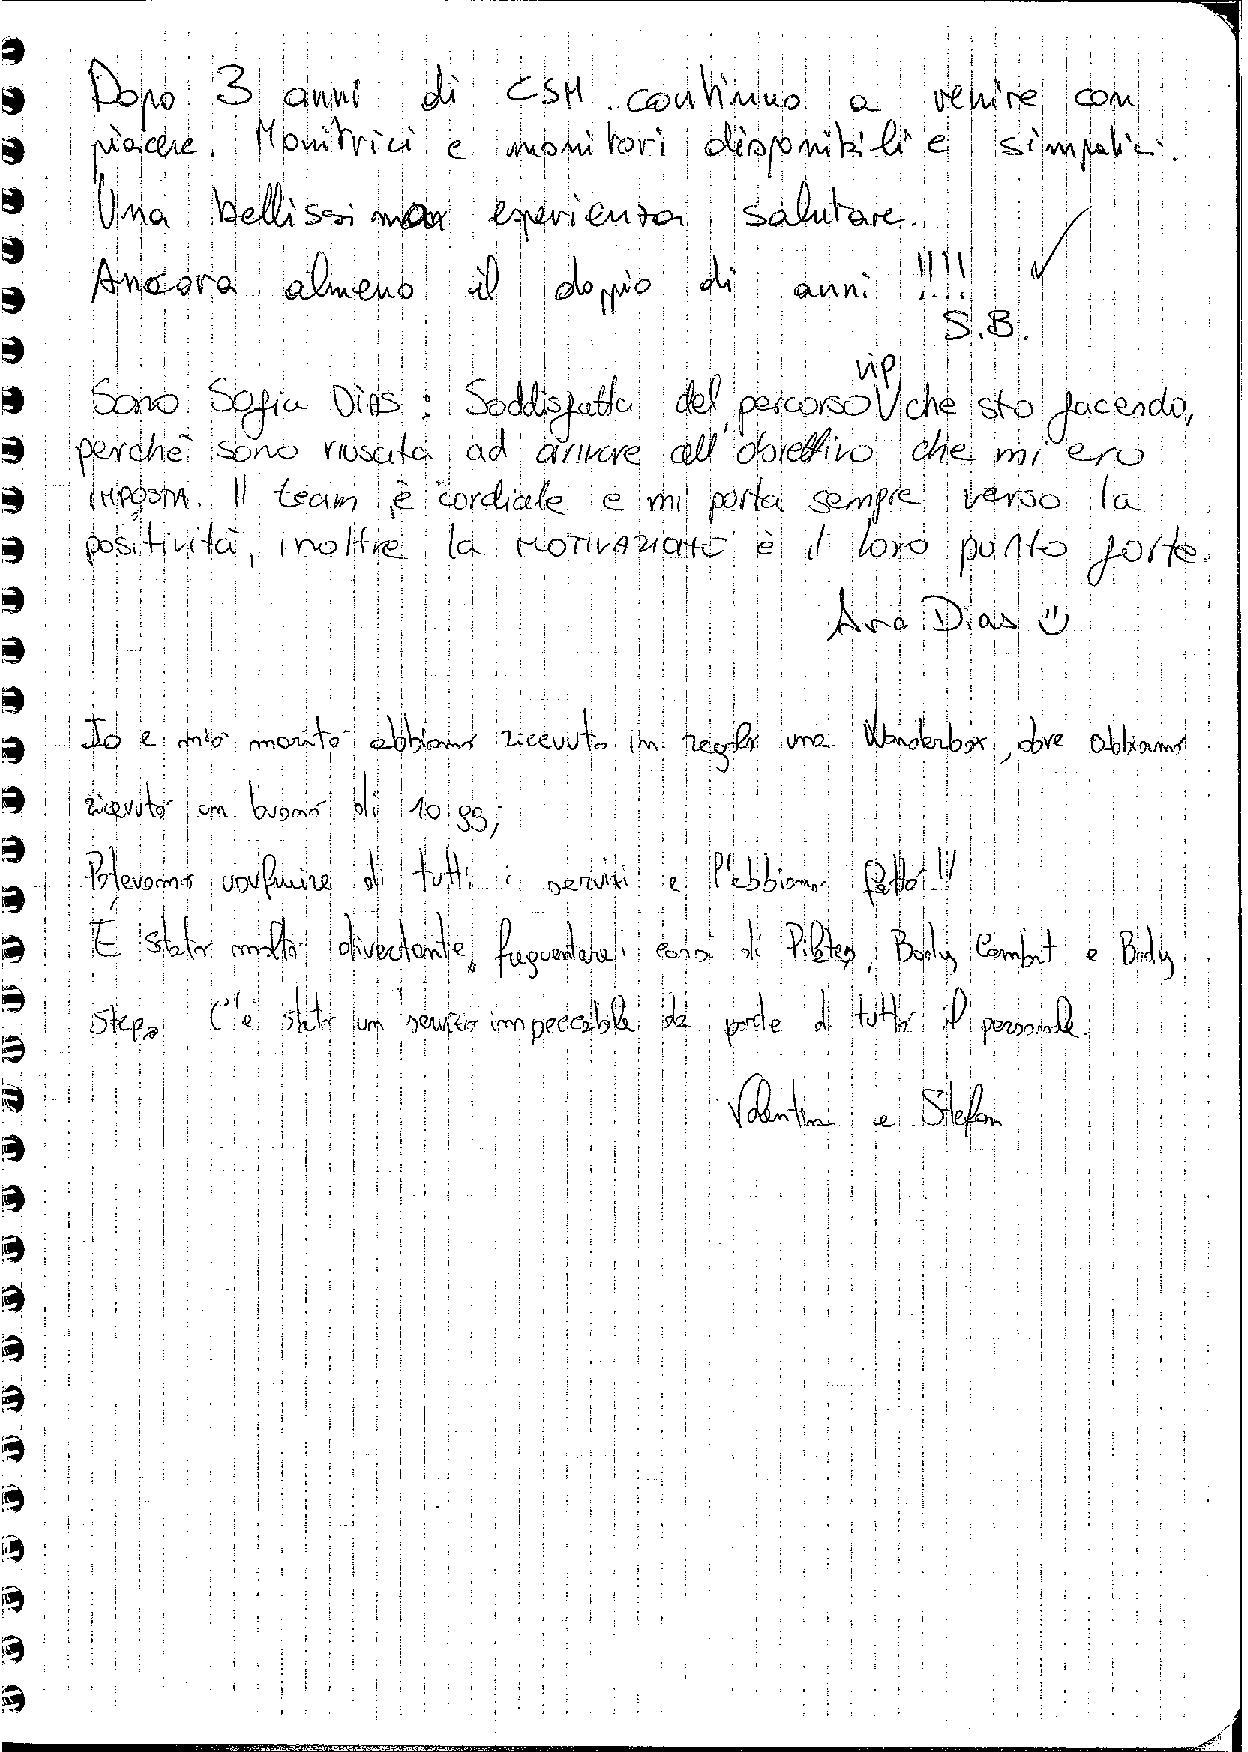 testimonianza-13